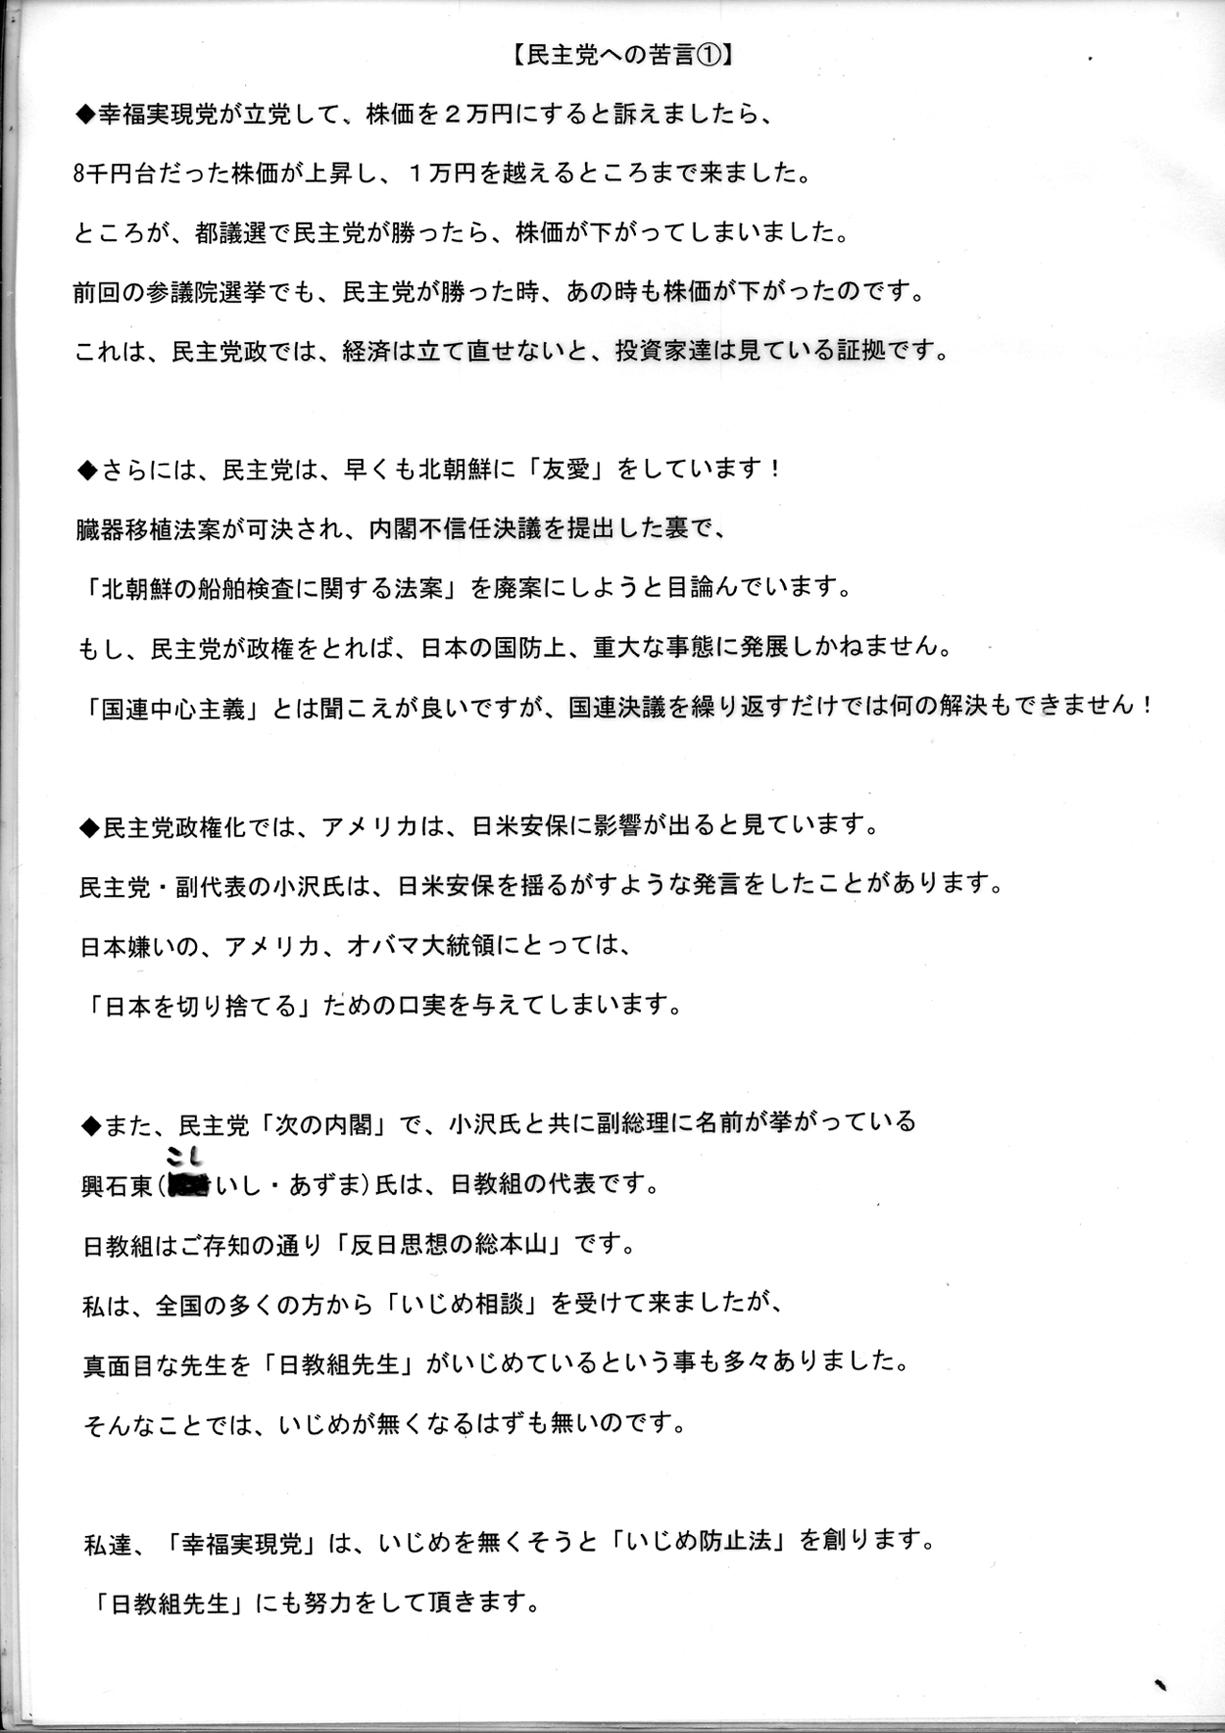 2012-08-07-03.jpg